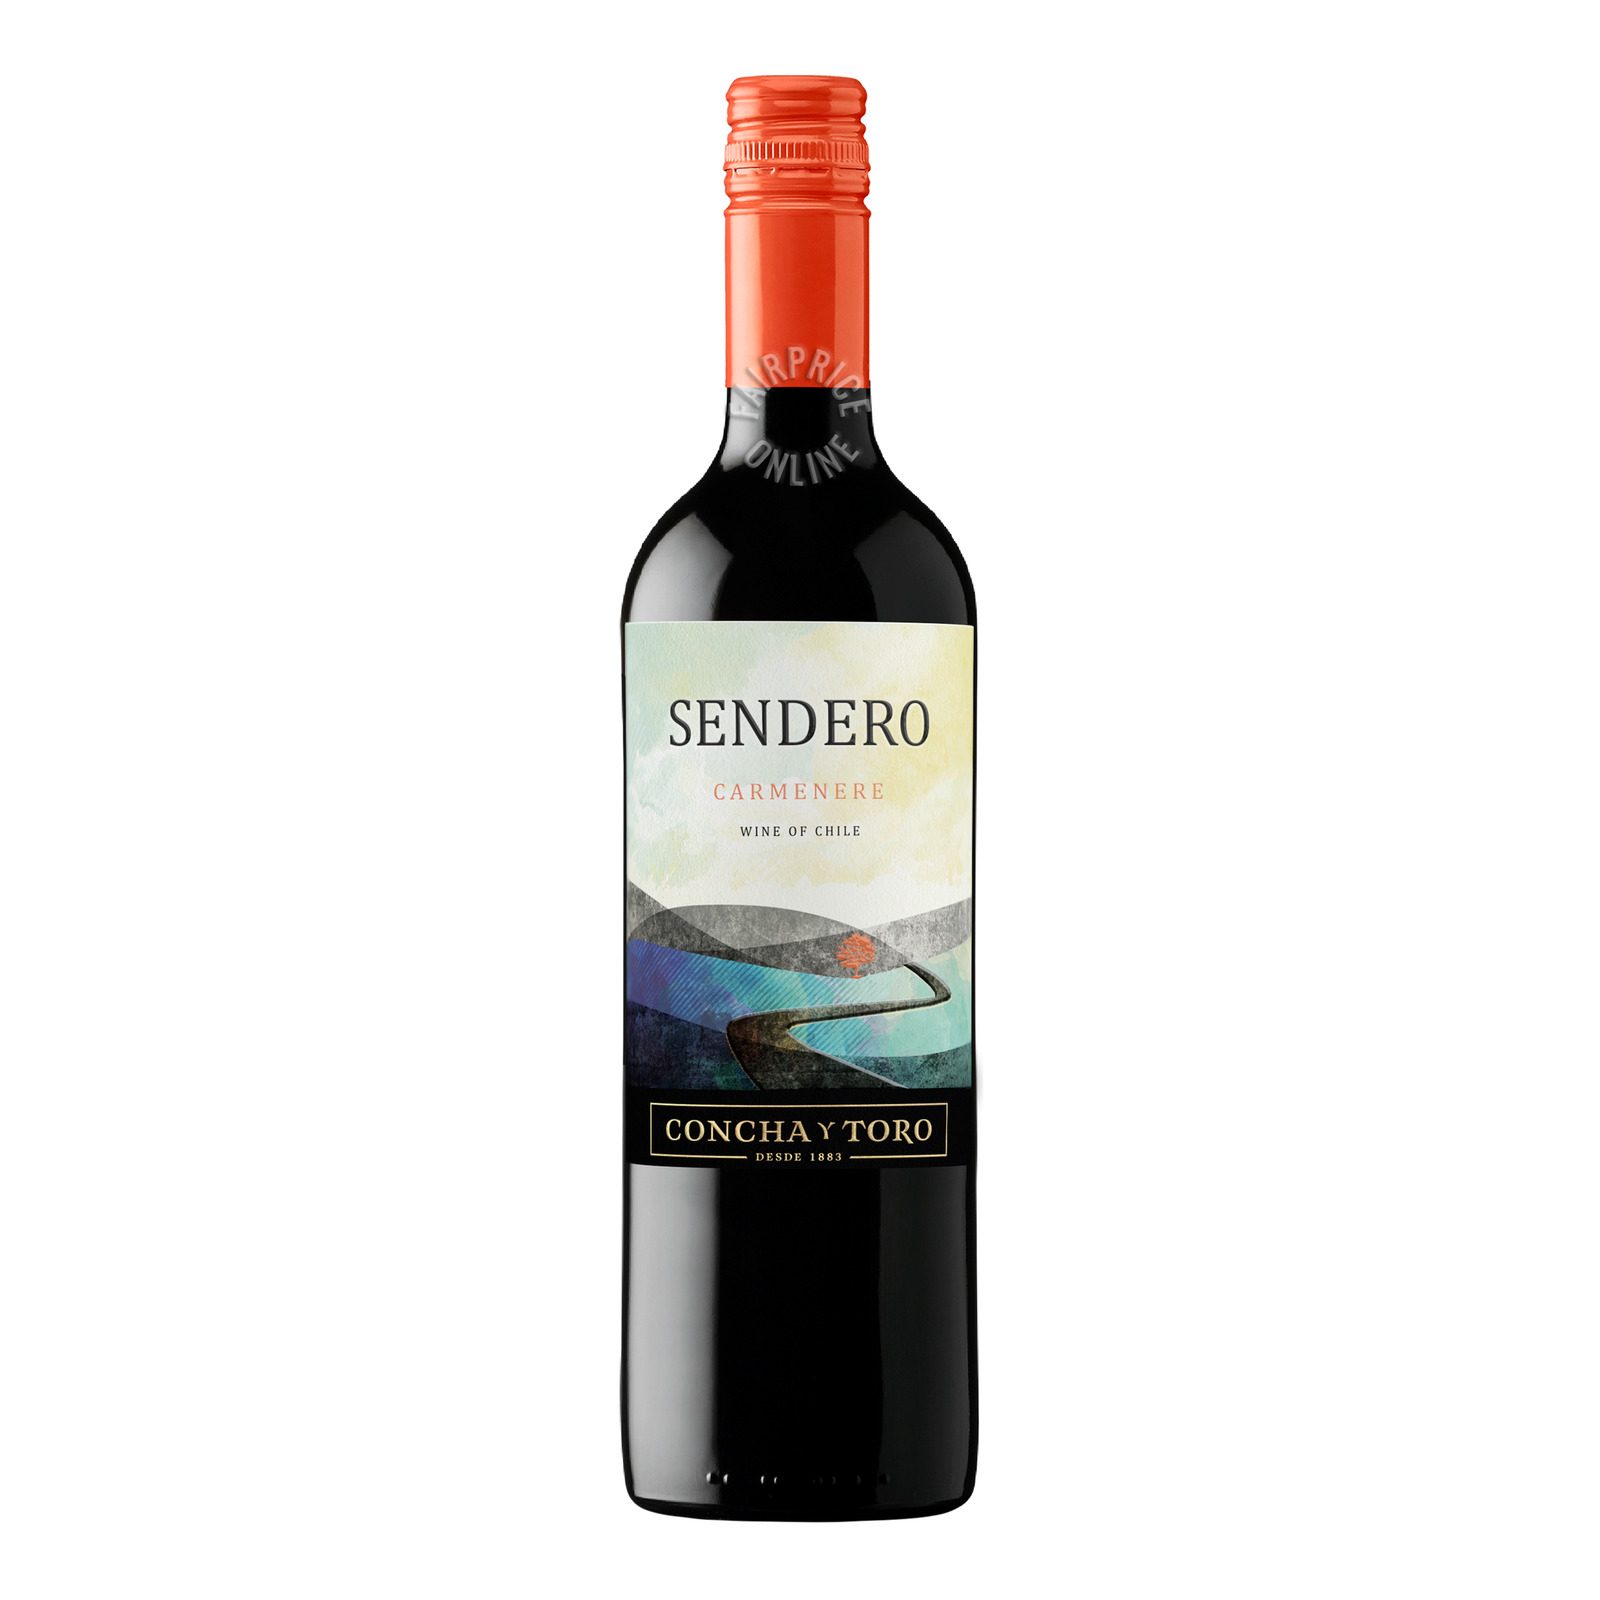 Sendero de Chile Red Wine - Carmenere